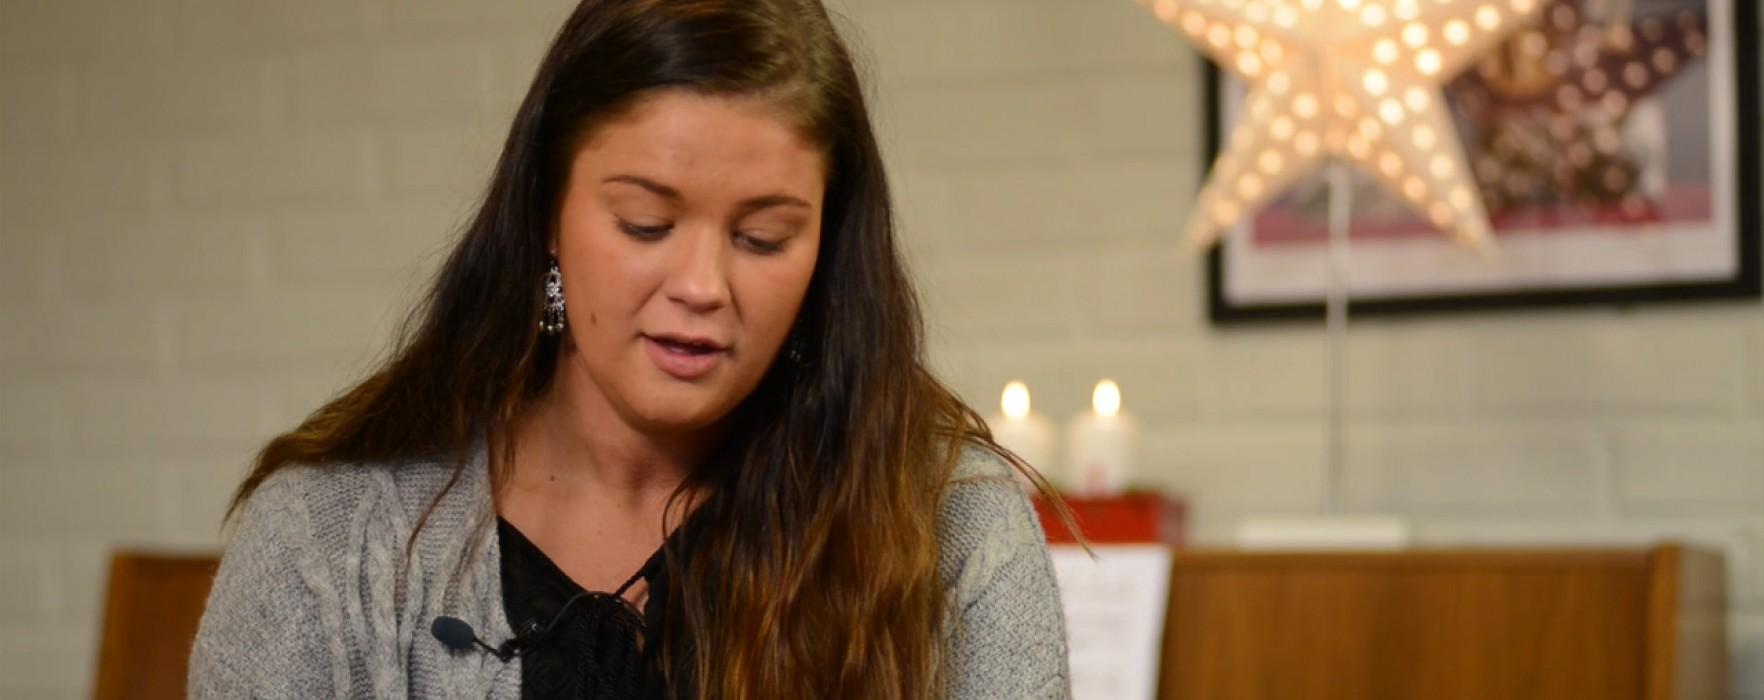 Ida Hallquist läser Julevangeliet